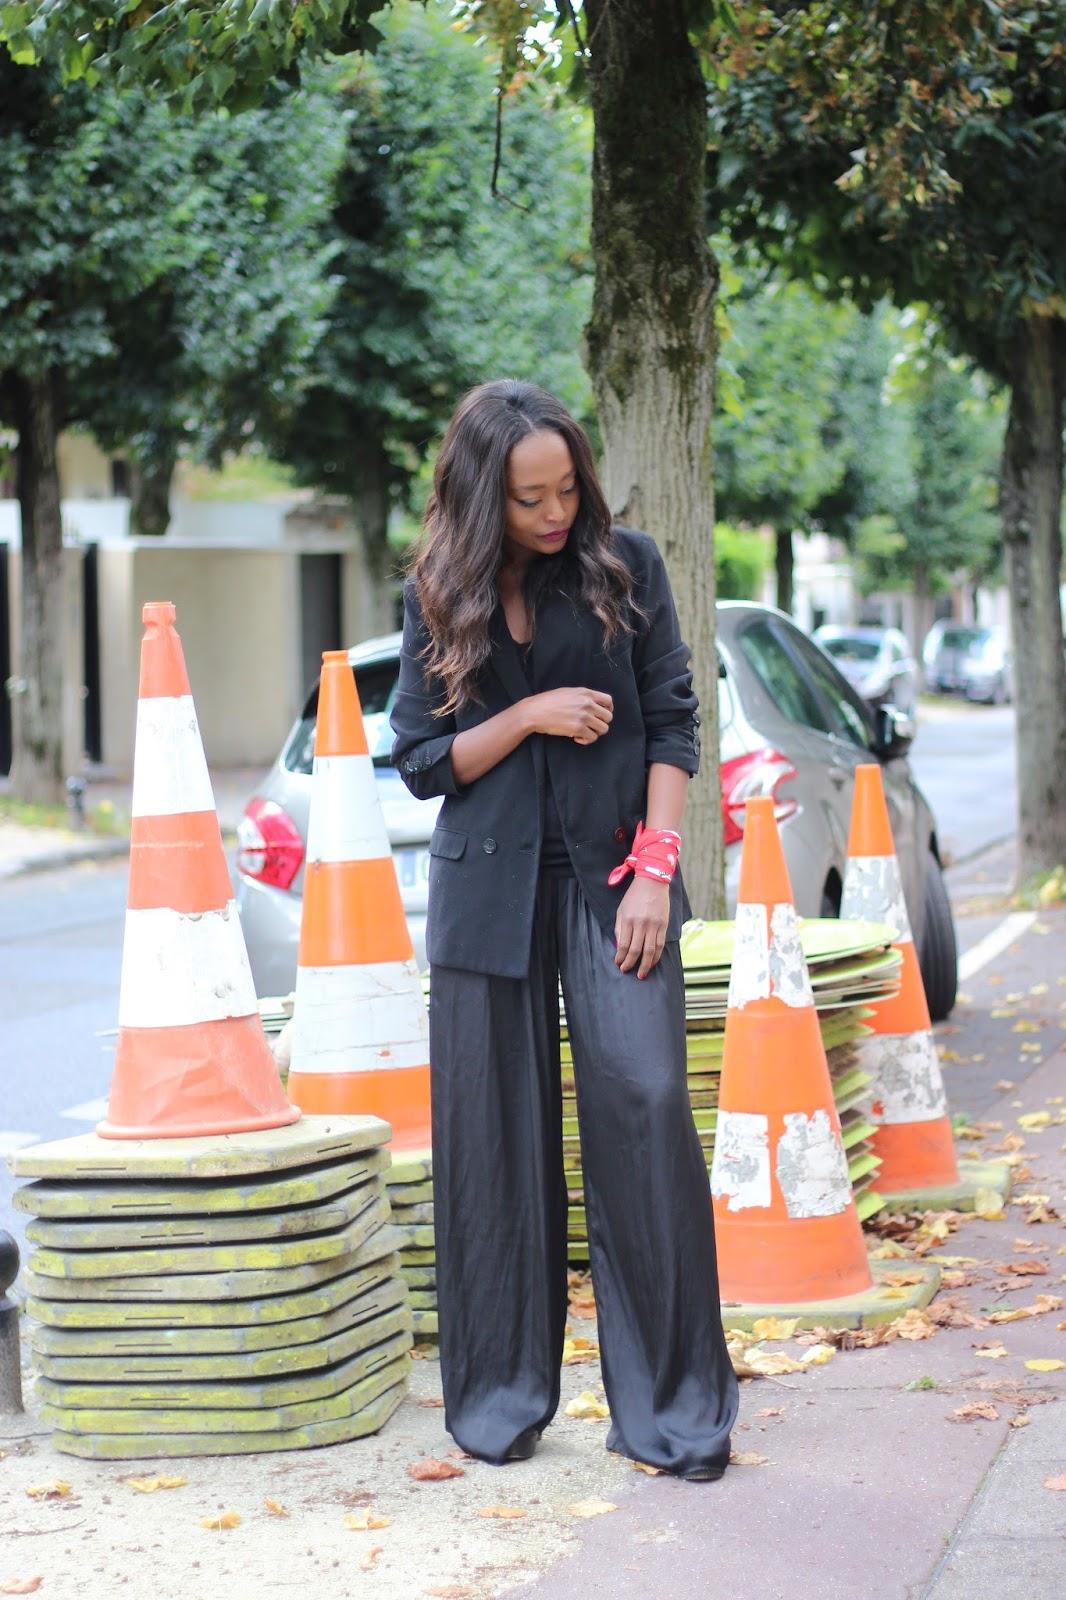 blogeuse de mode-blog de mode-les looks à la mode- linaose-modeuse